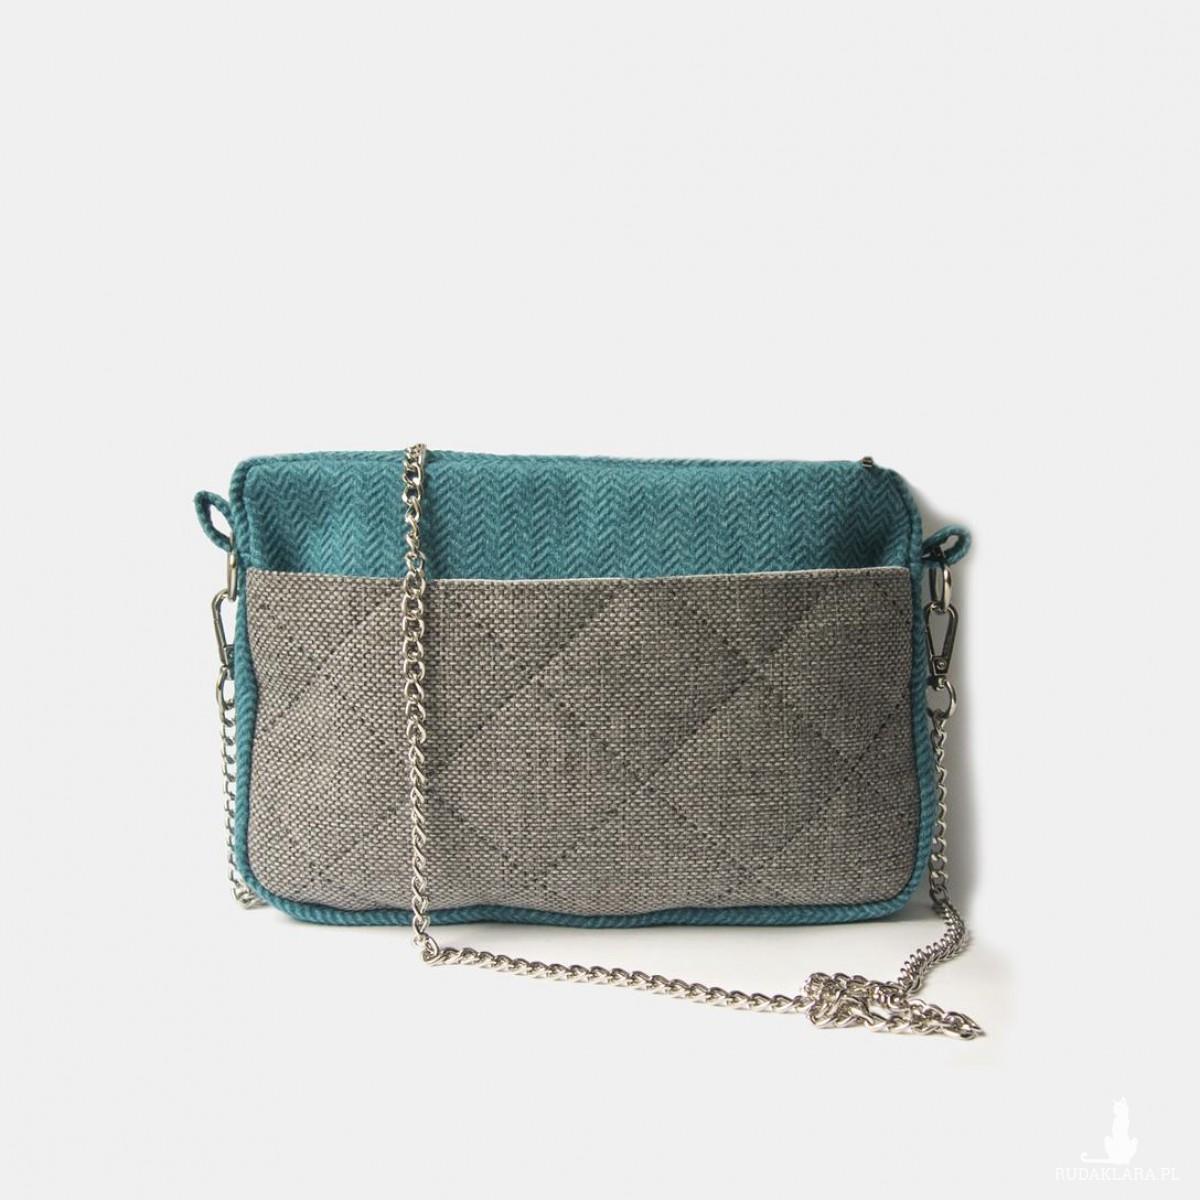 Mała torebka w jodełkę na srebrnym łańcuszku